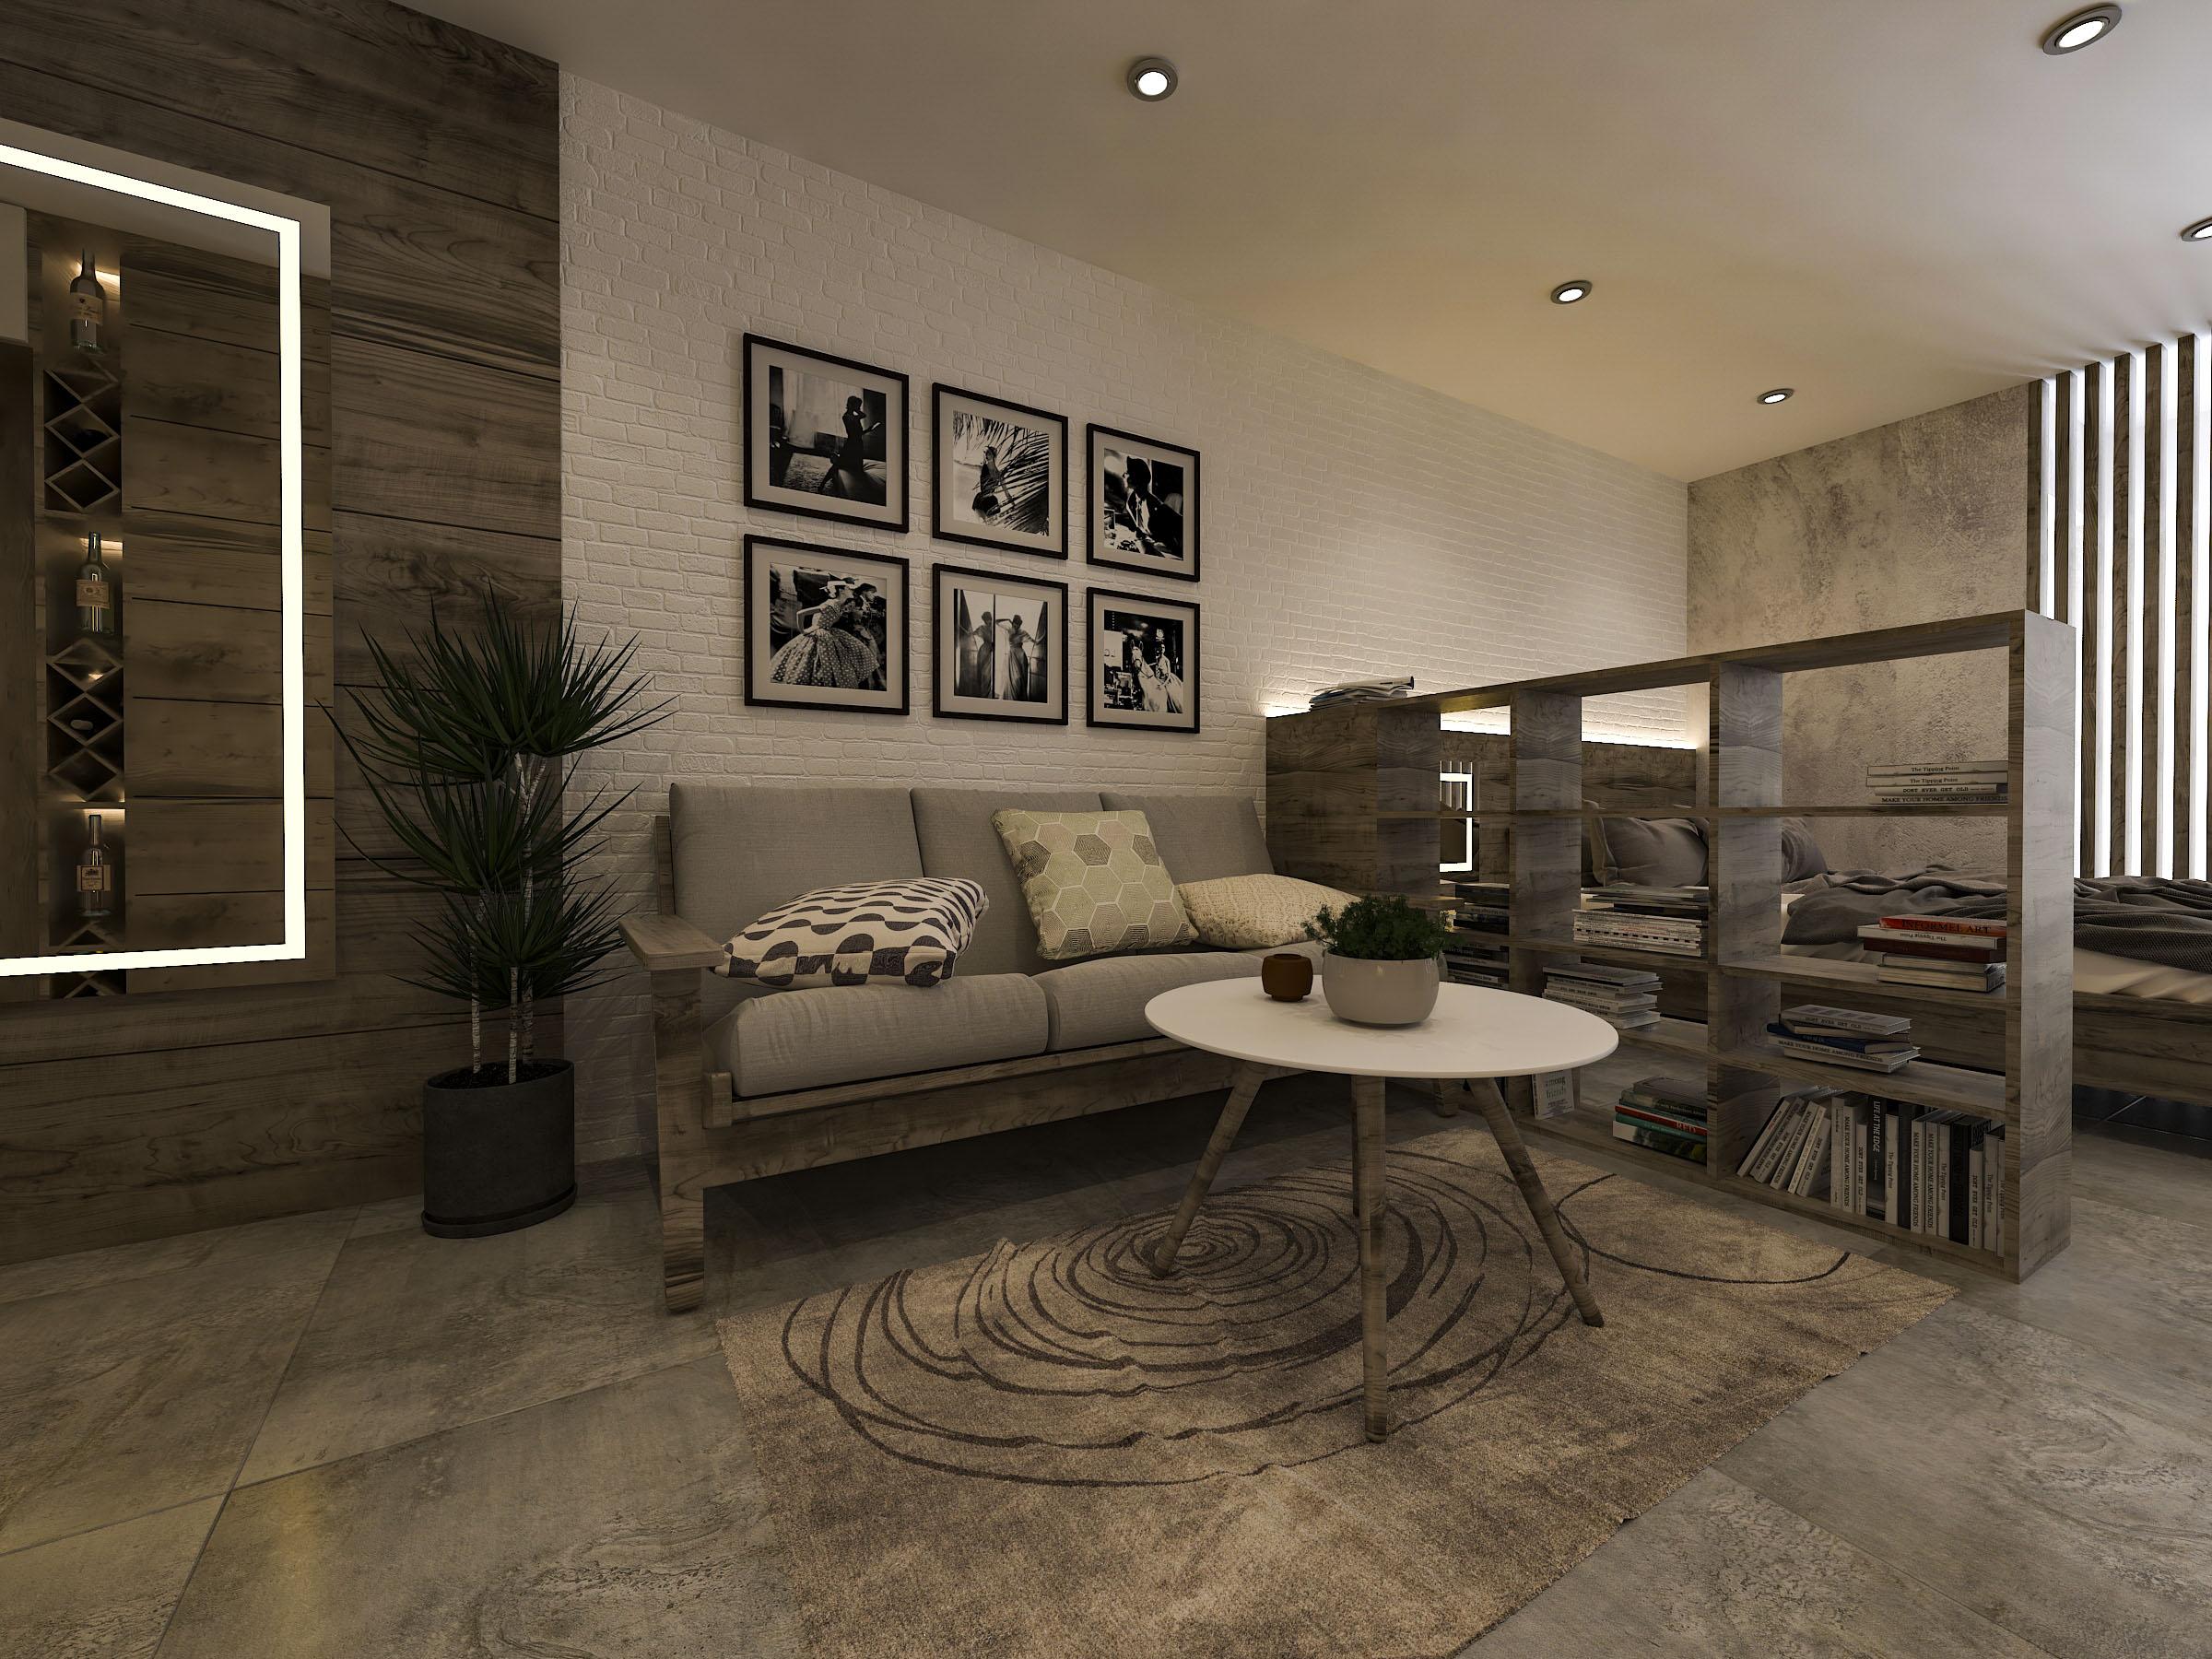 thiết kế nội thất chung cư tại Hồ Chí Minh Mr. Nam Apartment 2 1562984052